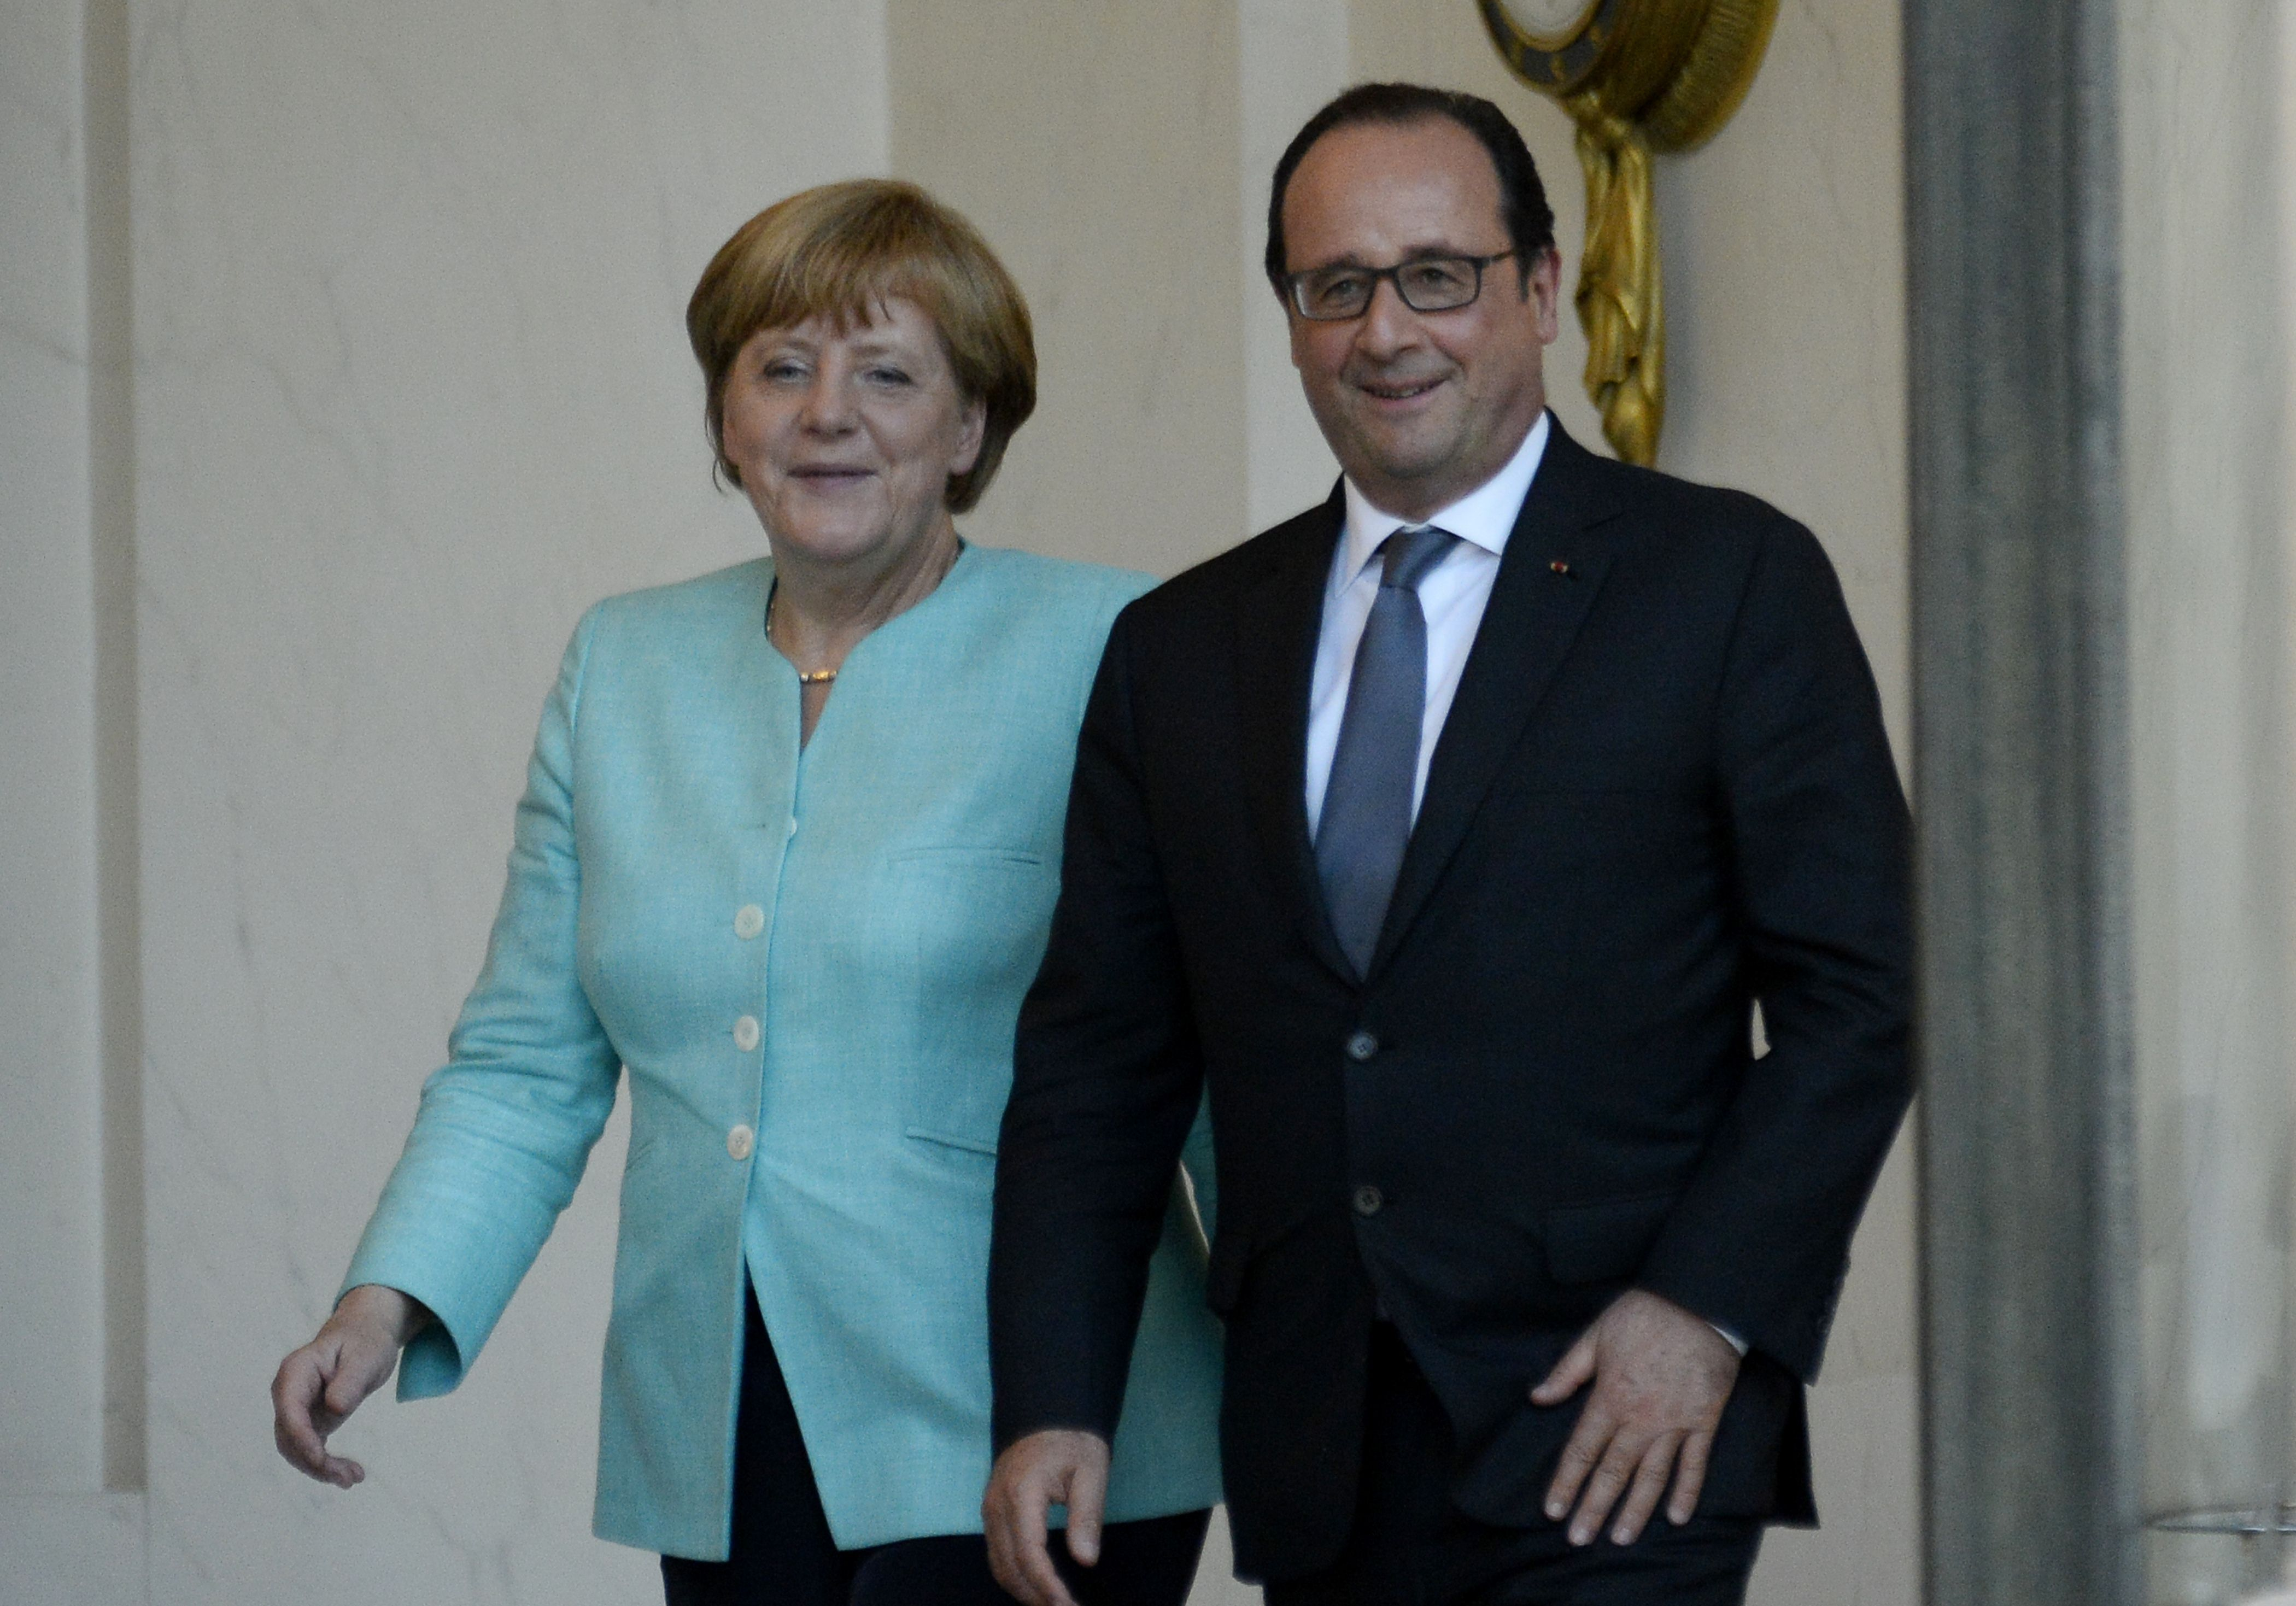 Image for Берлин и Париж требуют конституционного статуса для Донецкой и Луганской республик в Украине